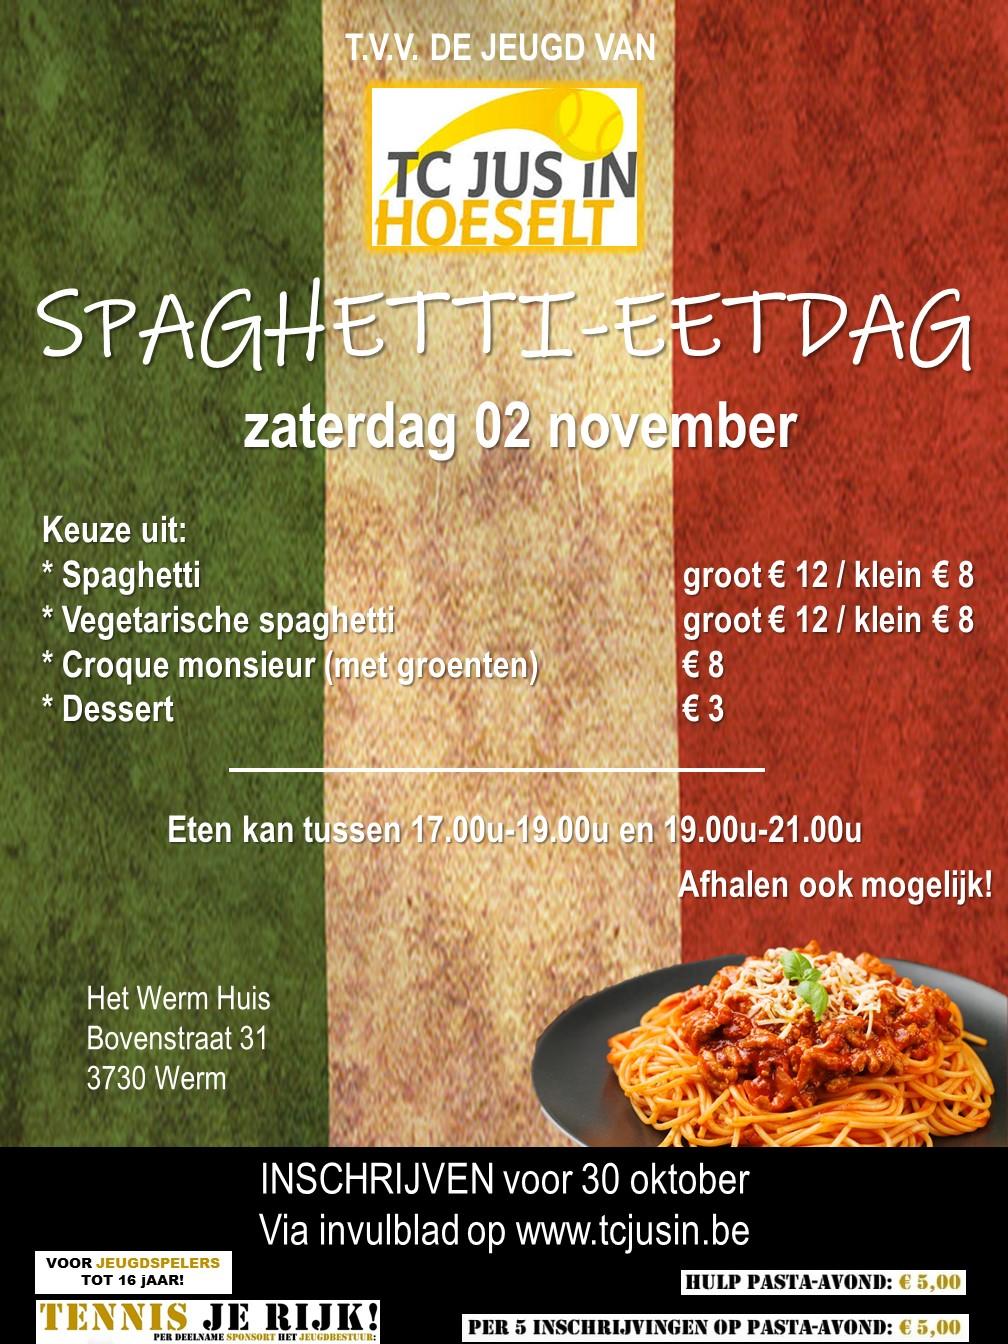 Spaghetti-eetdag